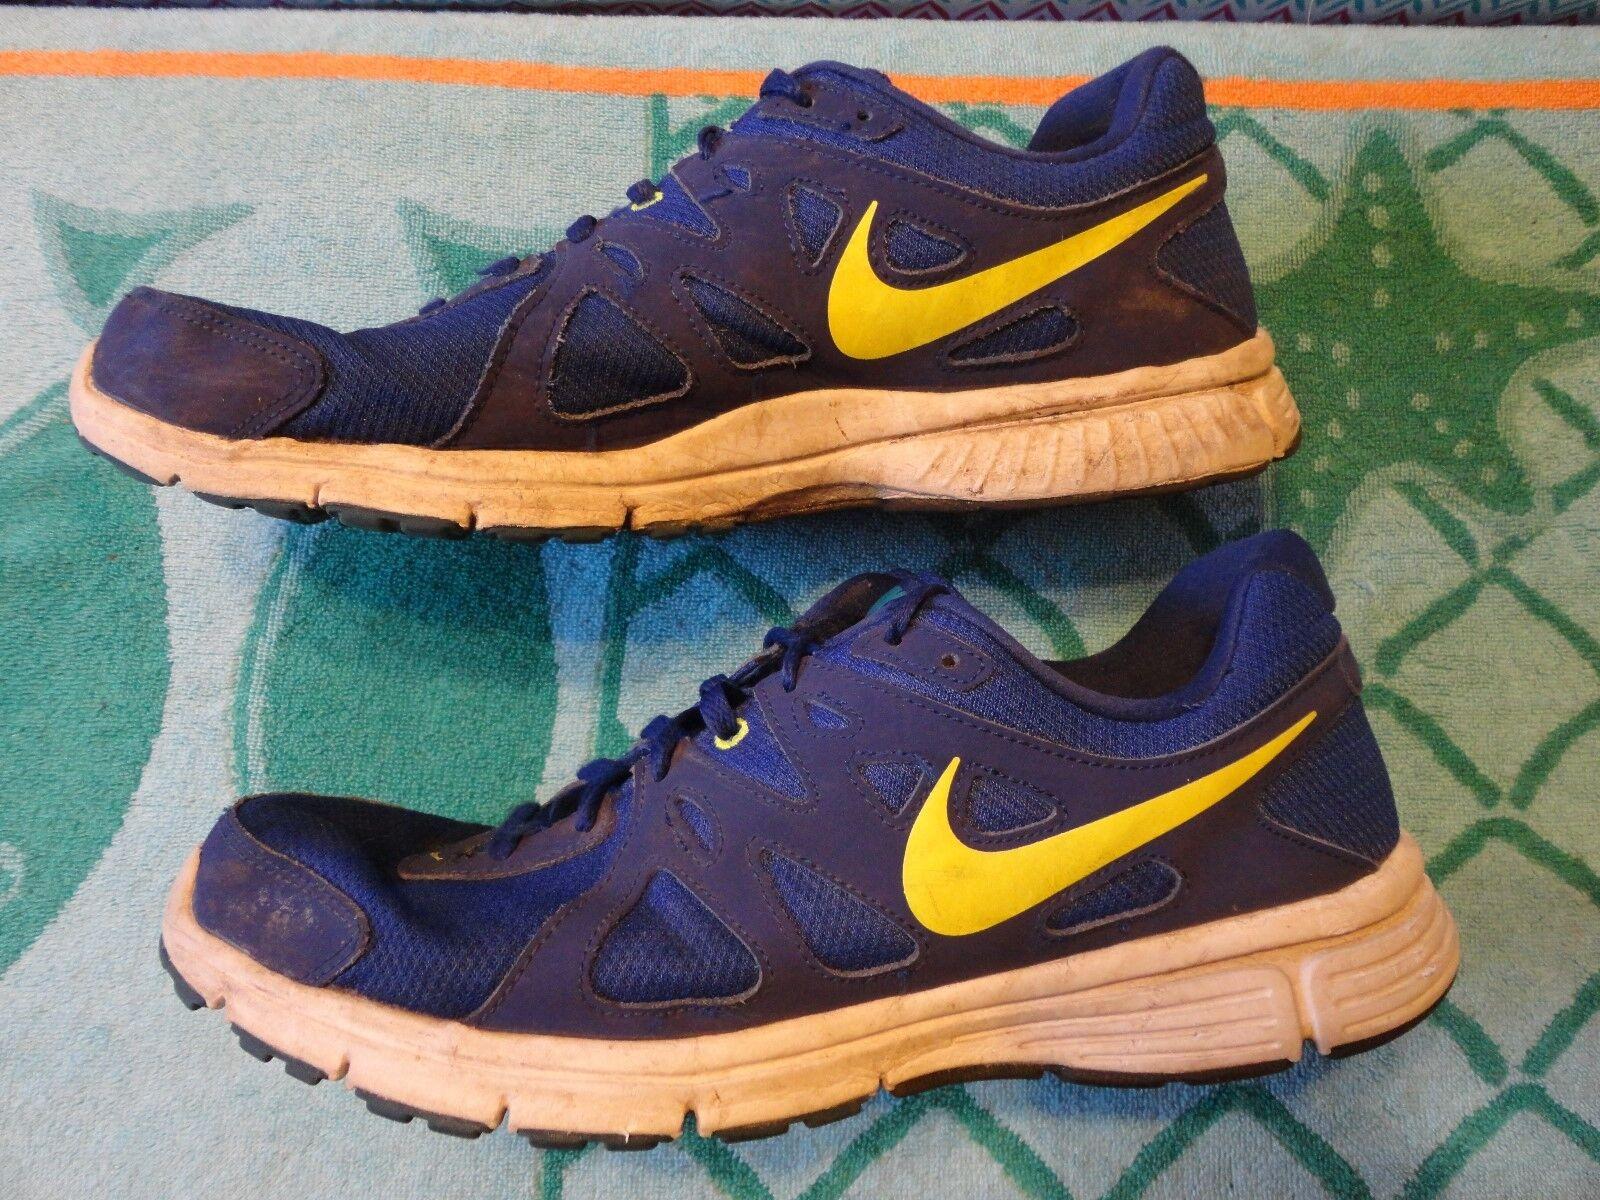 8773b3ca75c9e Nike REVOLUTION 2 SHOES SHOES SHOES MEN S SIZE 14 a4b55c - golf ...